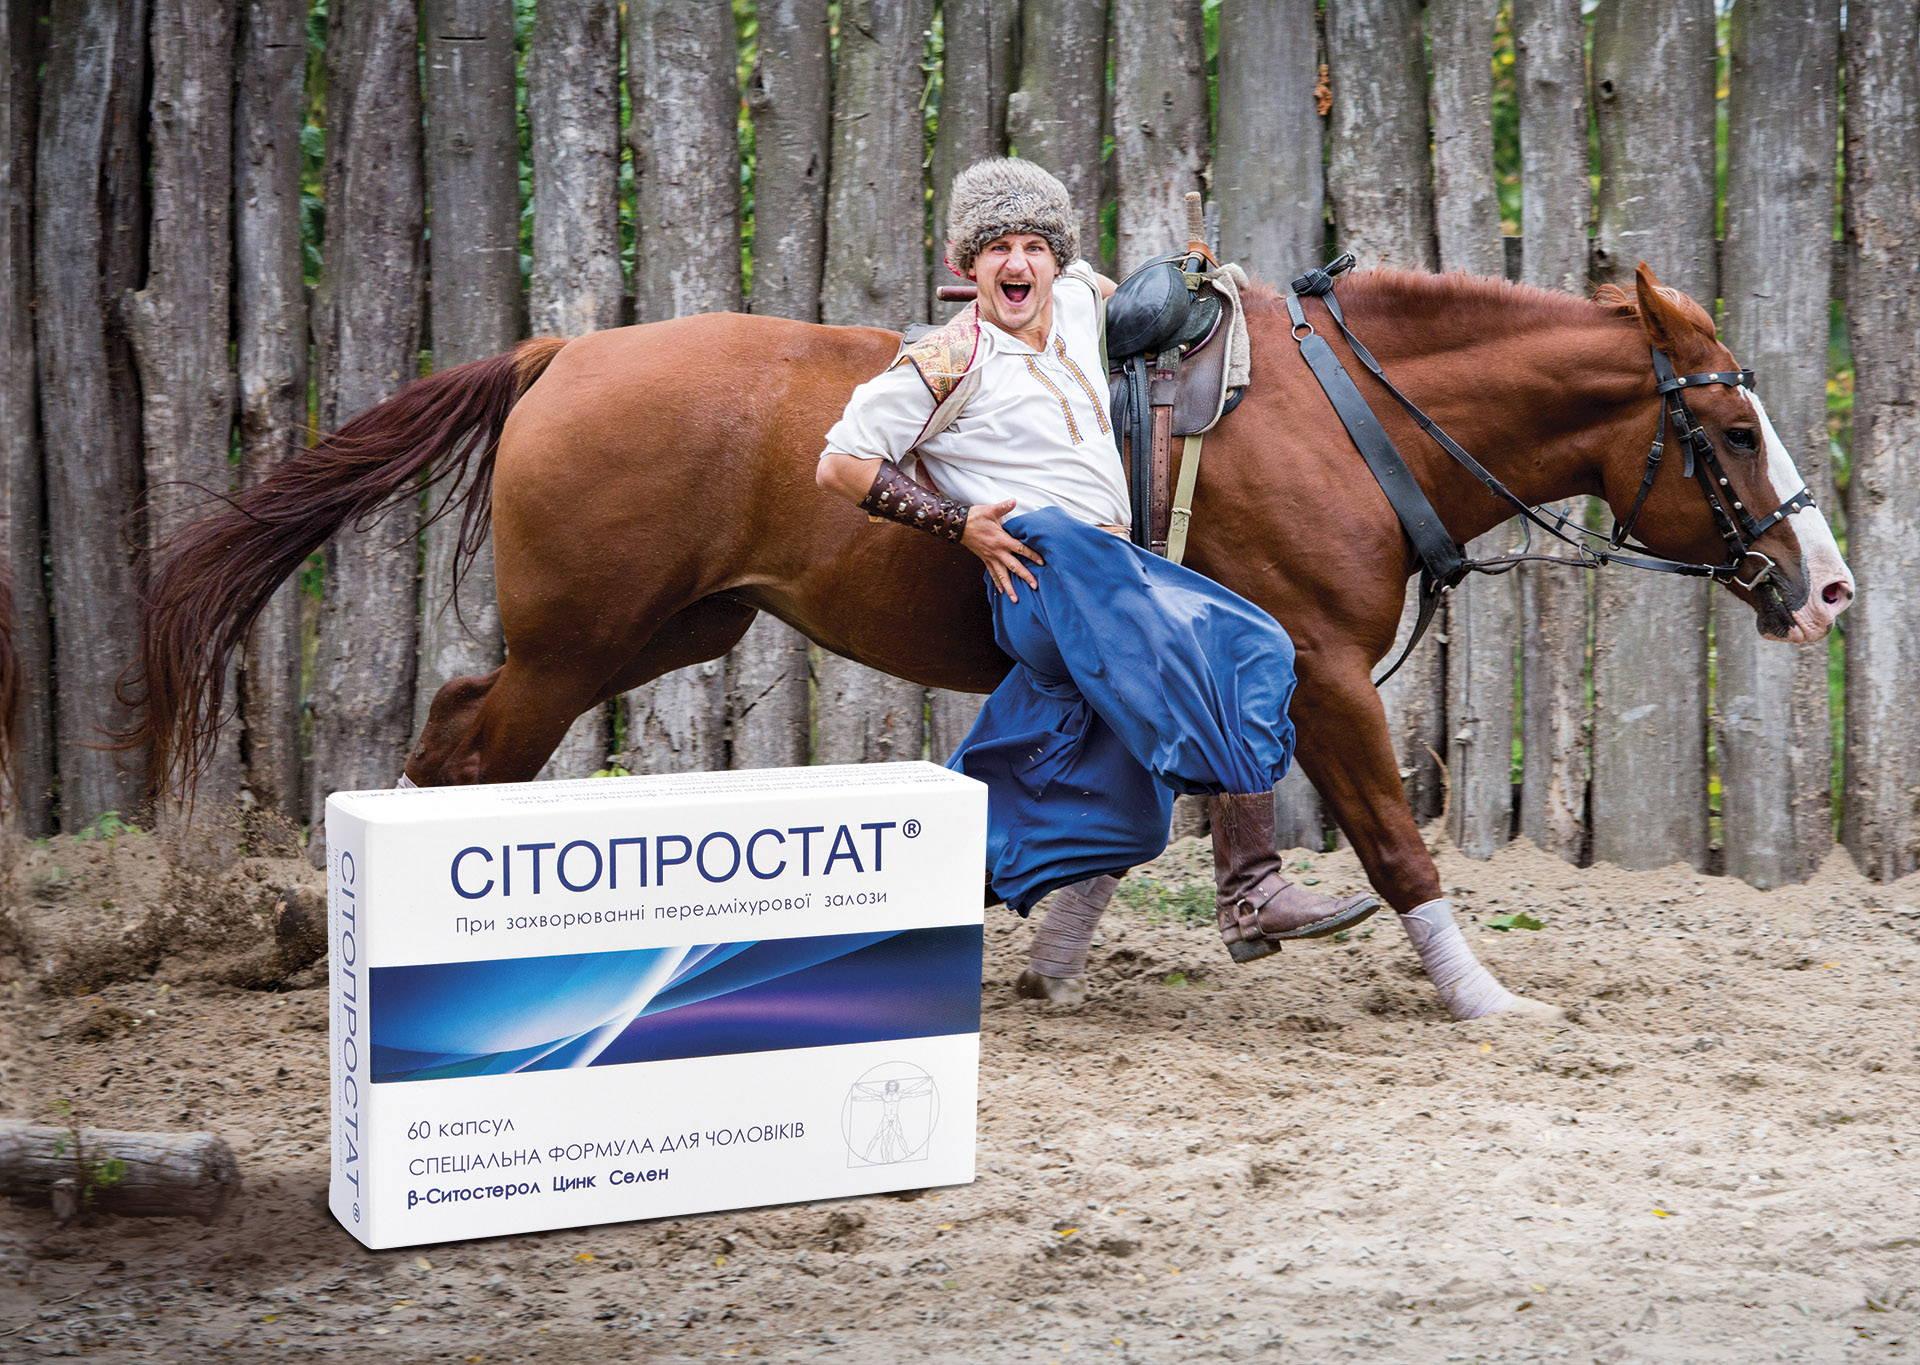 Разработка фармацевтической упаковки Ситопростат